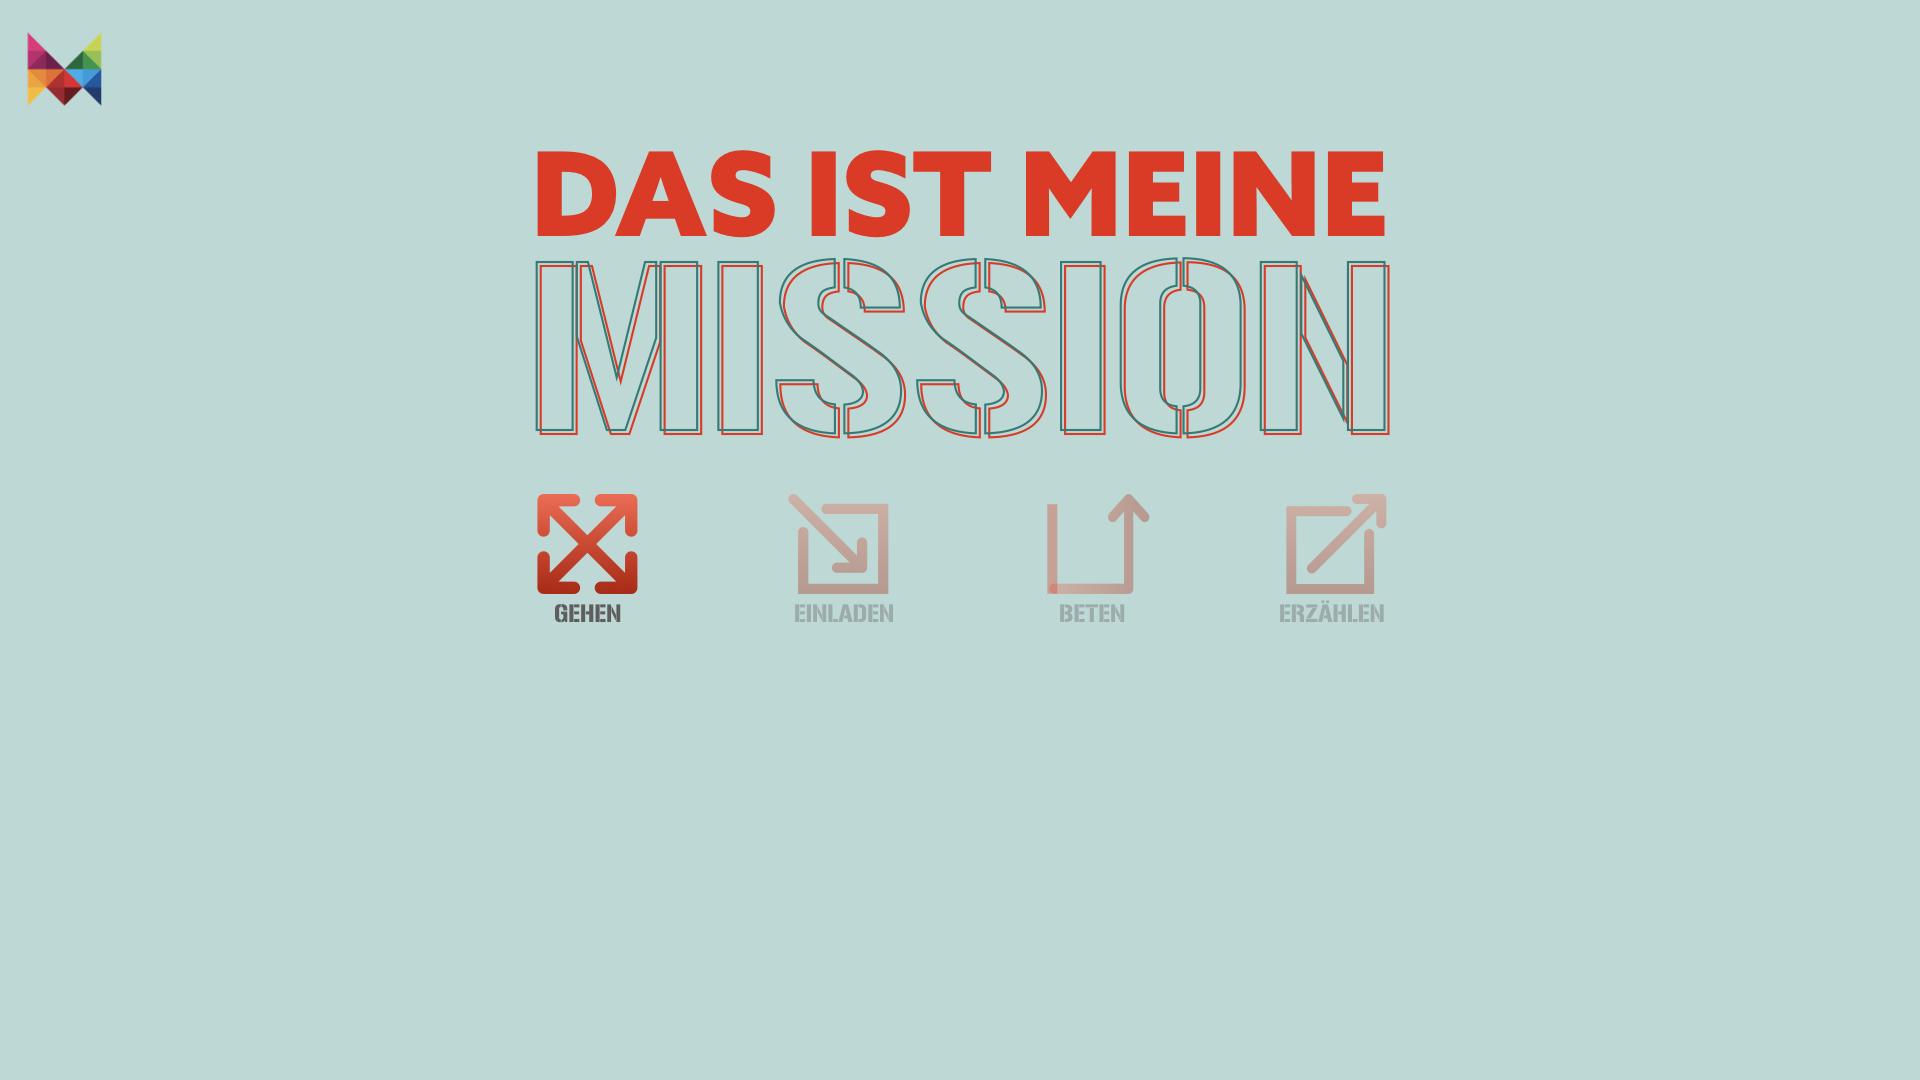 Meine Mission: Gehen